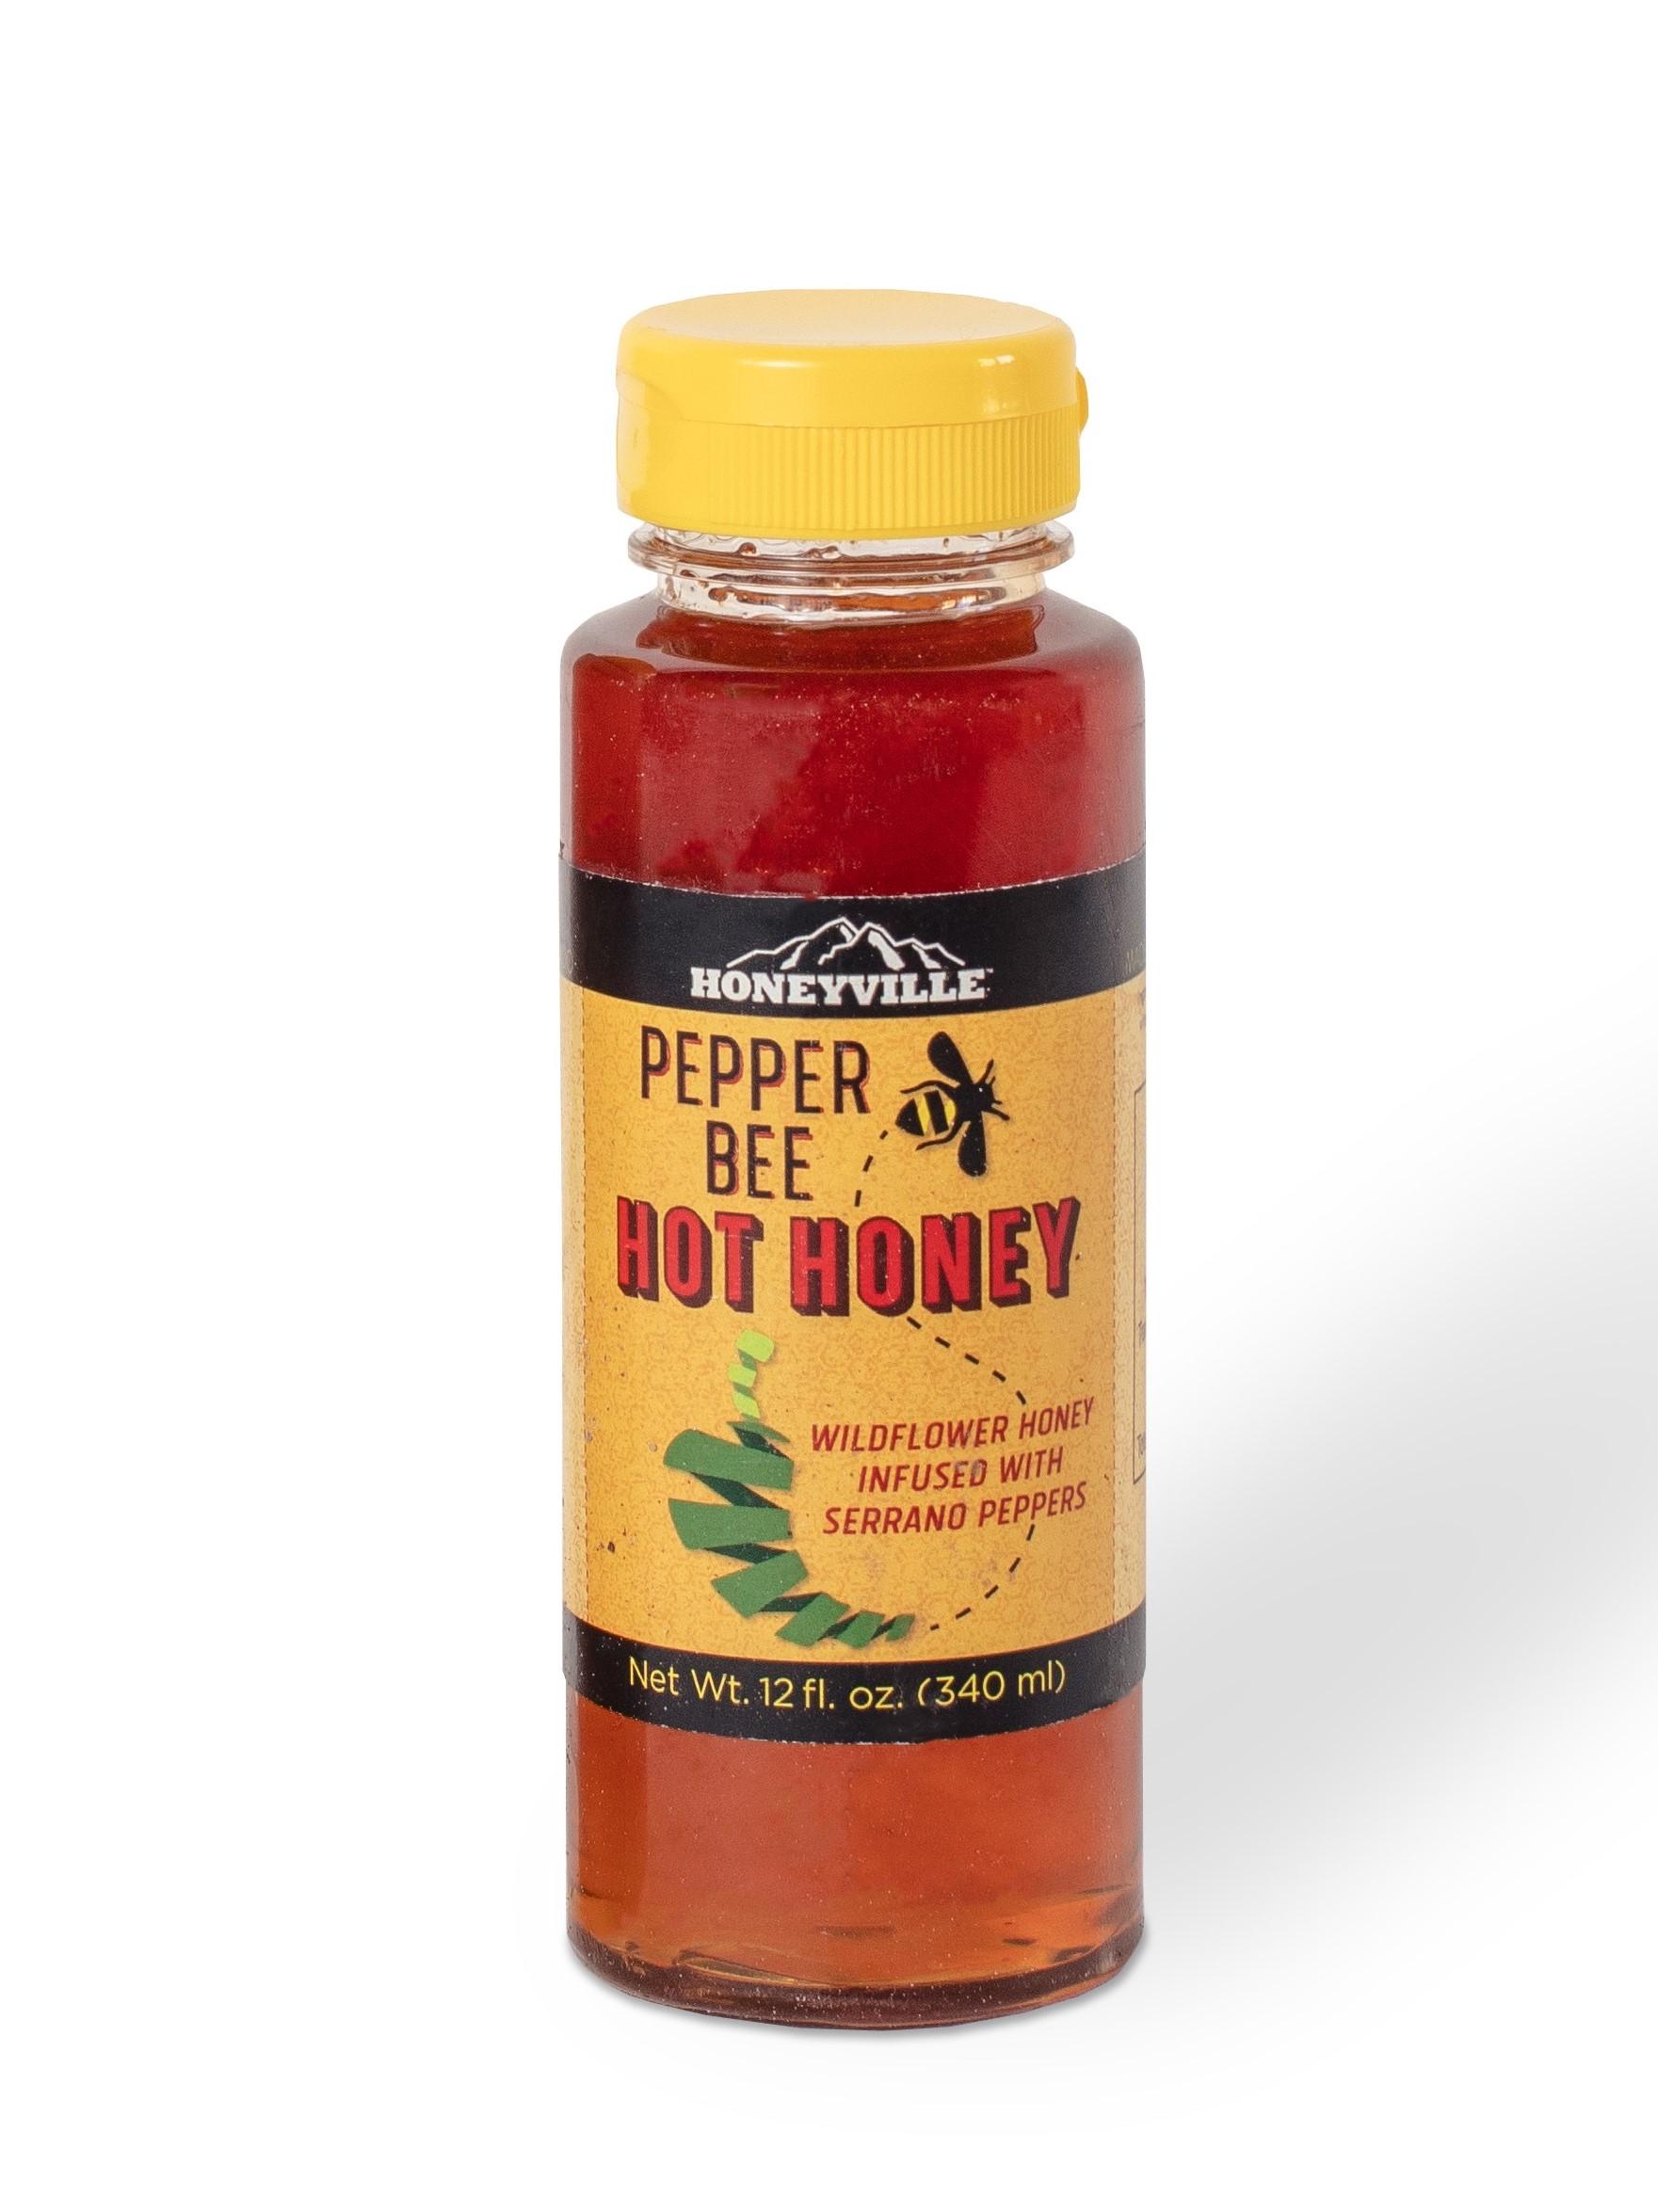 HONEY: PEPPER BEE HOT HONEY 12 OZ